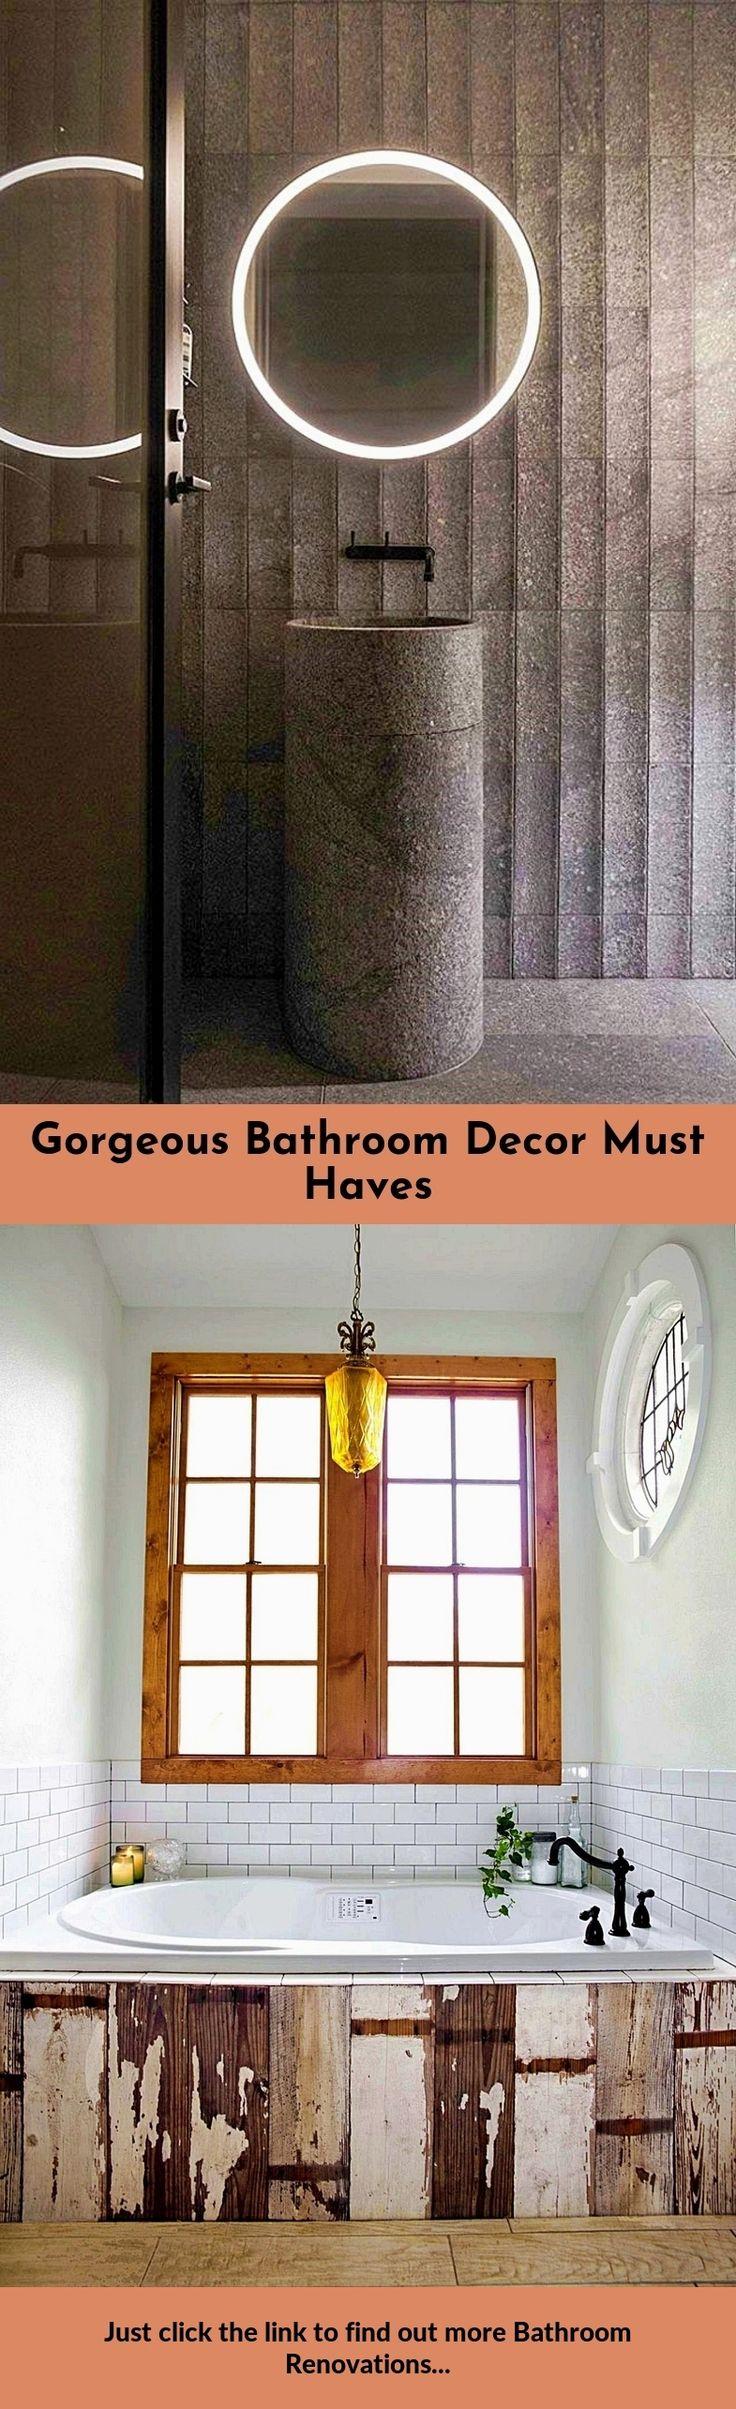 Einfache und erstaunliche Badezimmer umgestalten und Renovierungsideen   – Bathroom Remodeling & Decor DIY